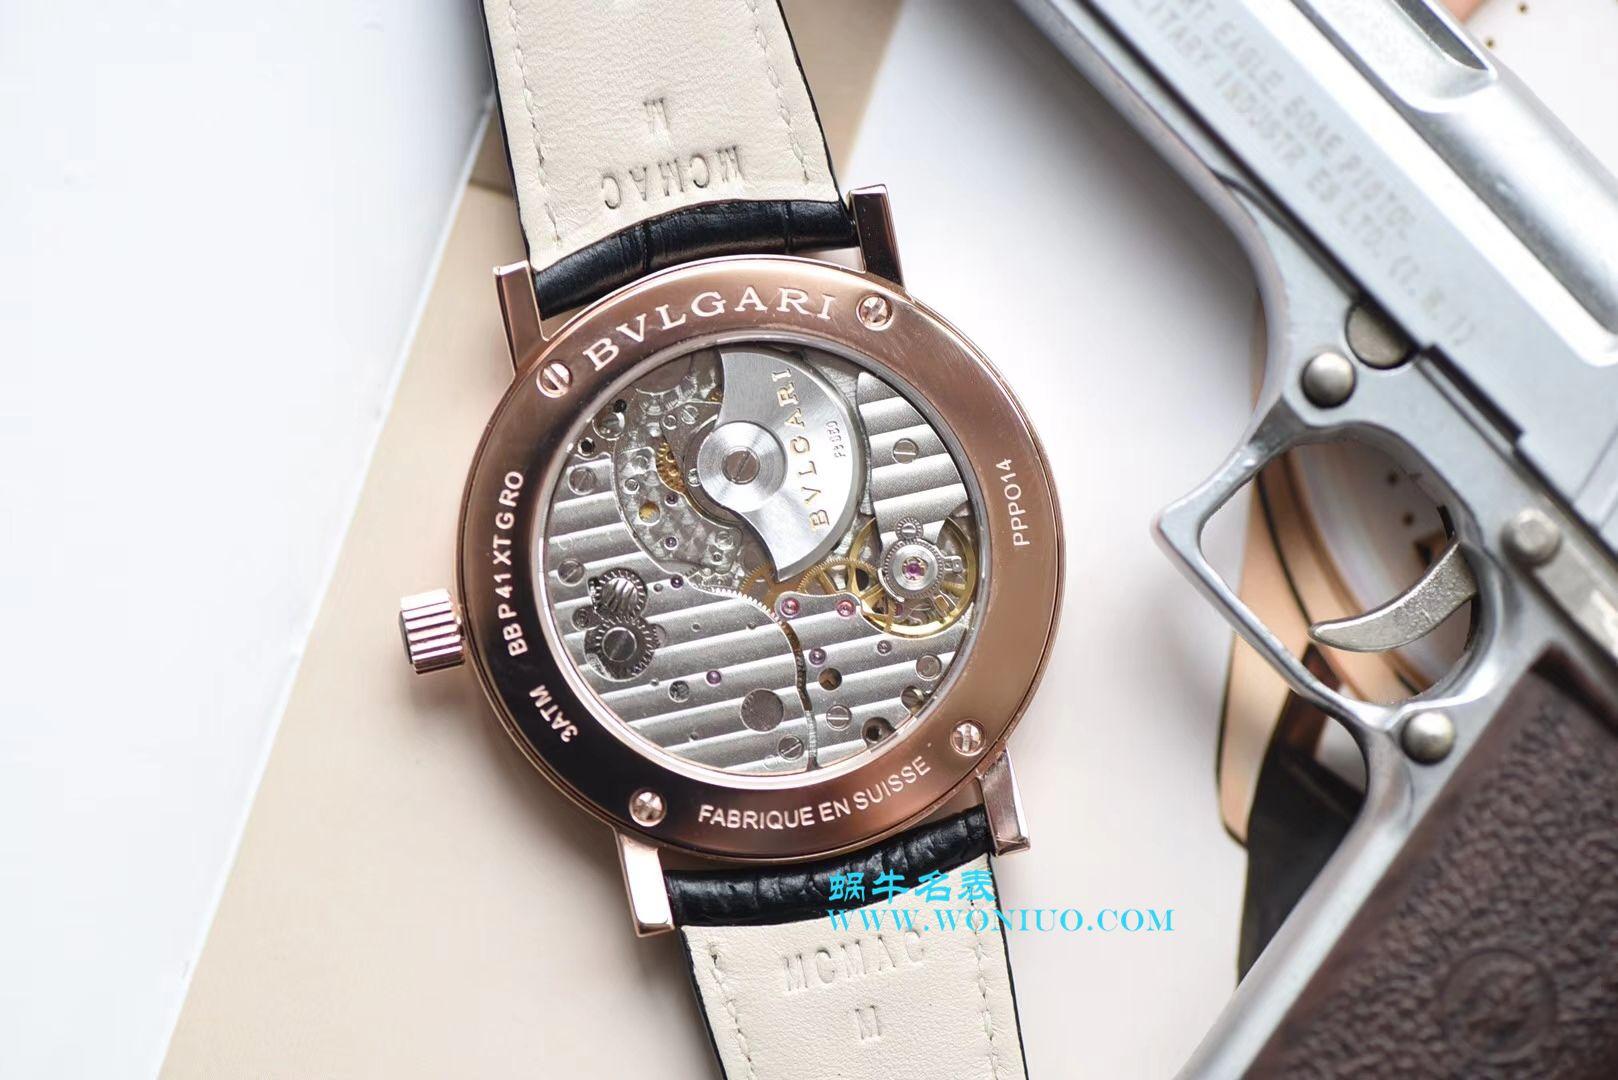 【台湾厂一比一超A高仿手表】宝格丽BVLGARI∙BVLGARI系列102357 BBP41BSLXT腕表